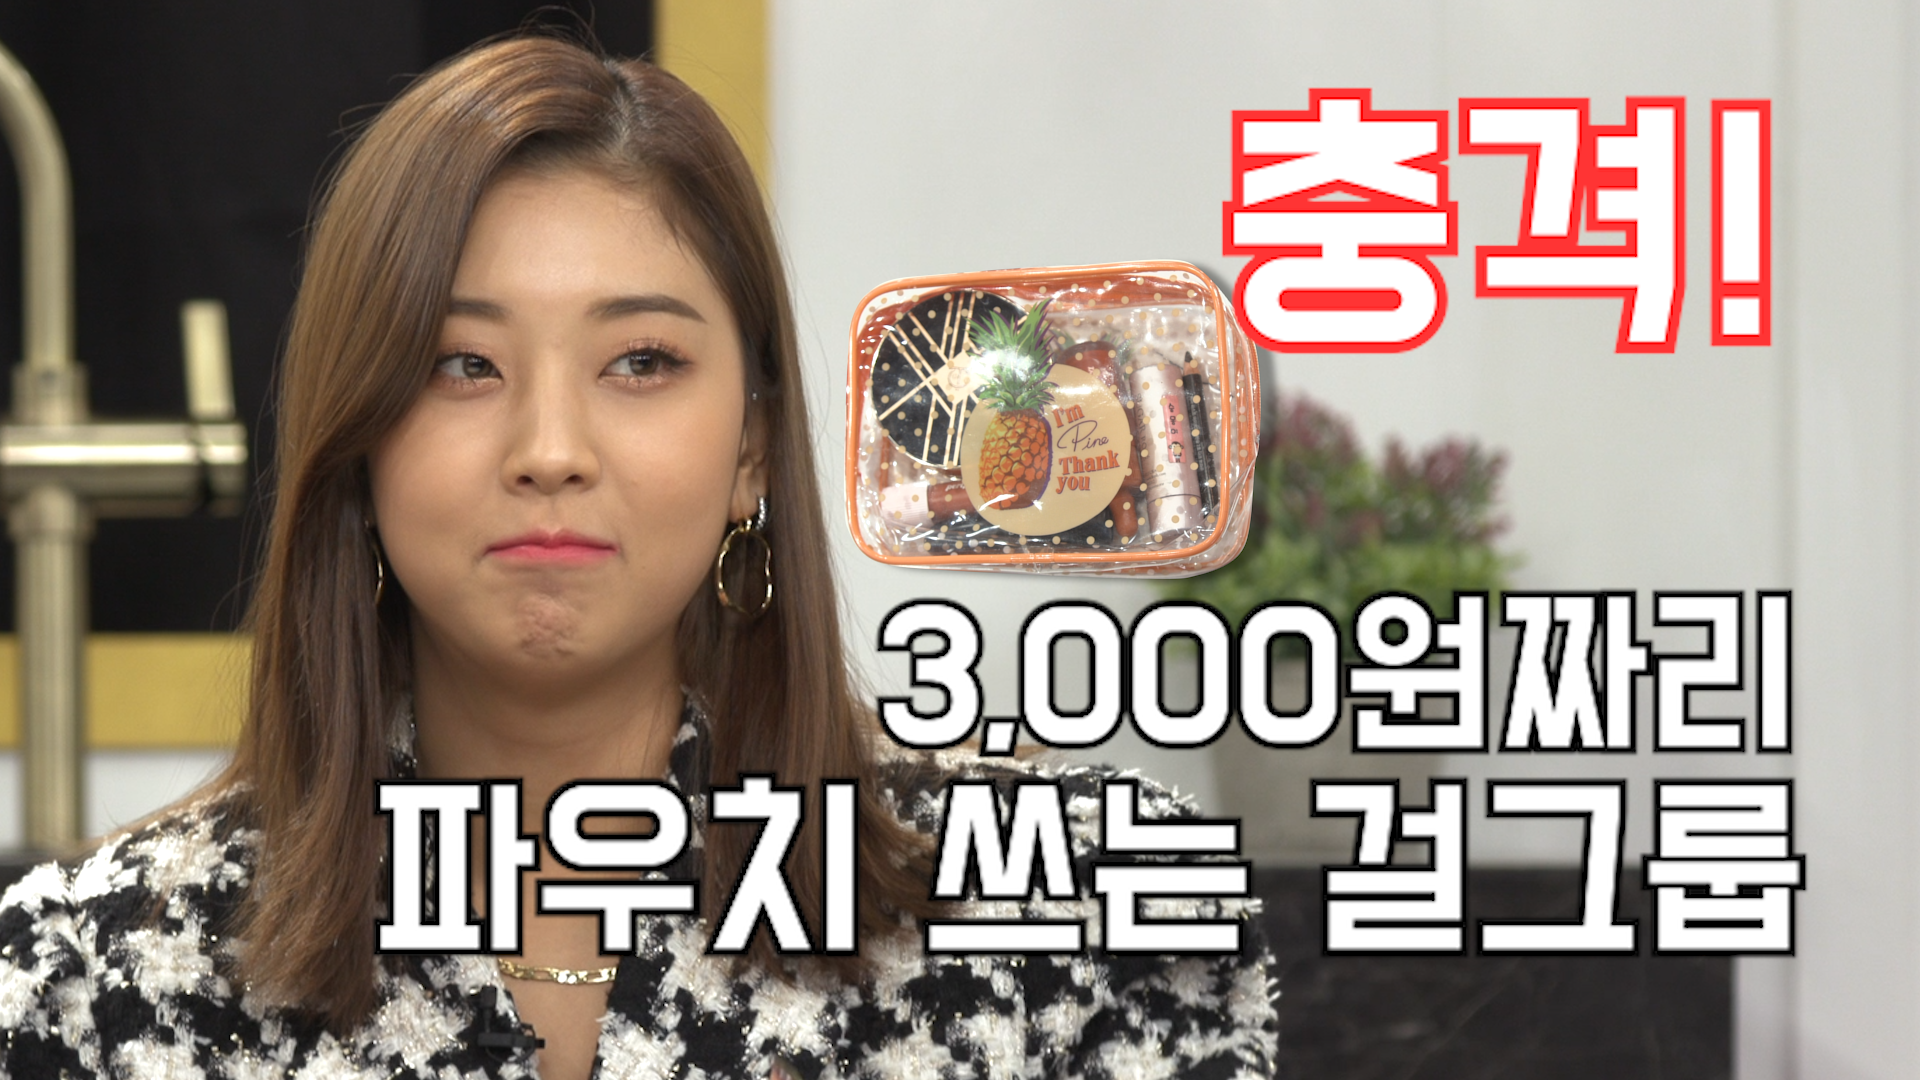 걸그룹 CLC 승연. 3,000원짜리 파우치 쓰는 이유....